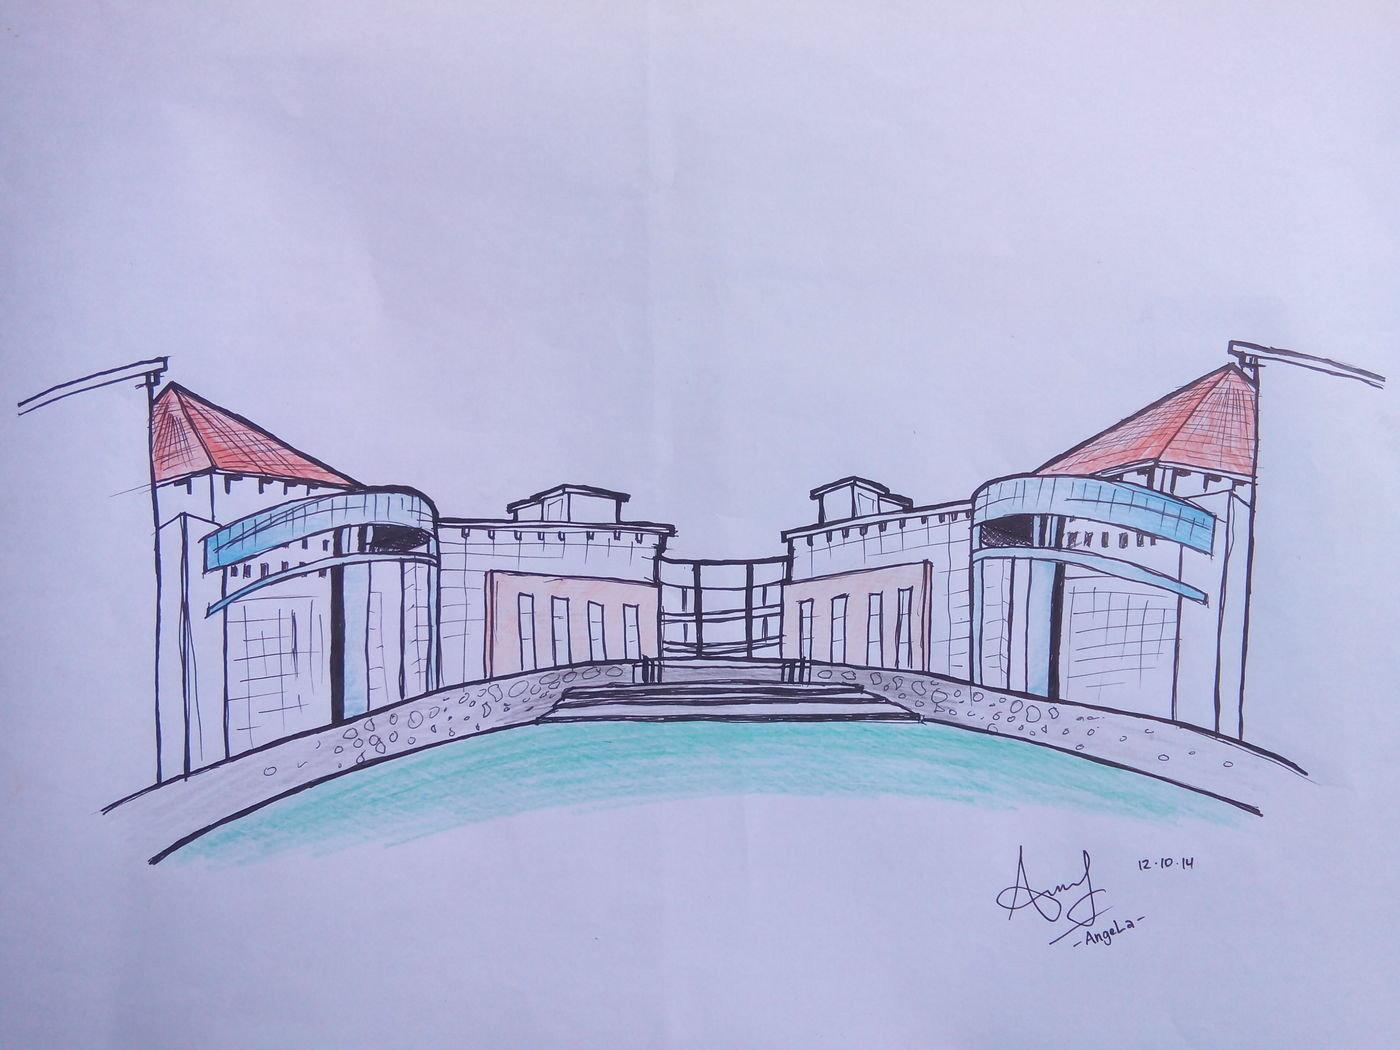 Gambar Arsitektur Gambar Teknik Dan Sketsa Lainnya By